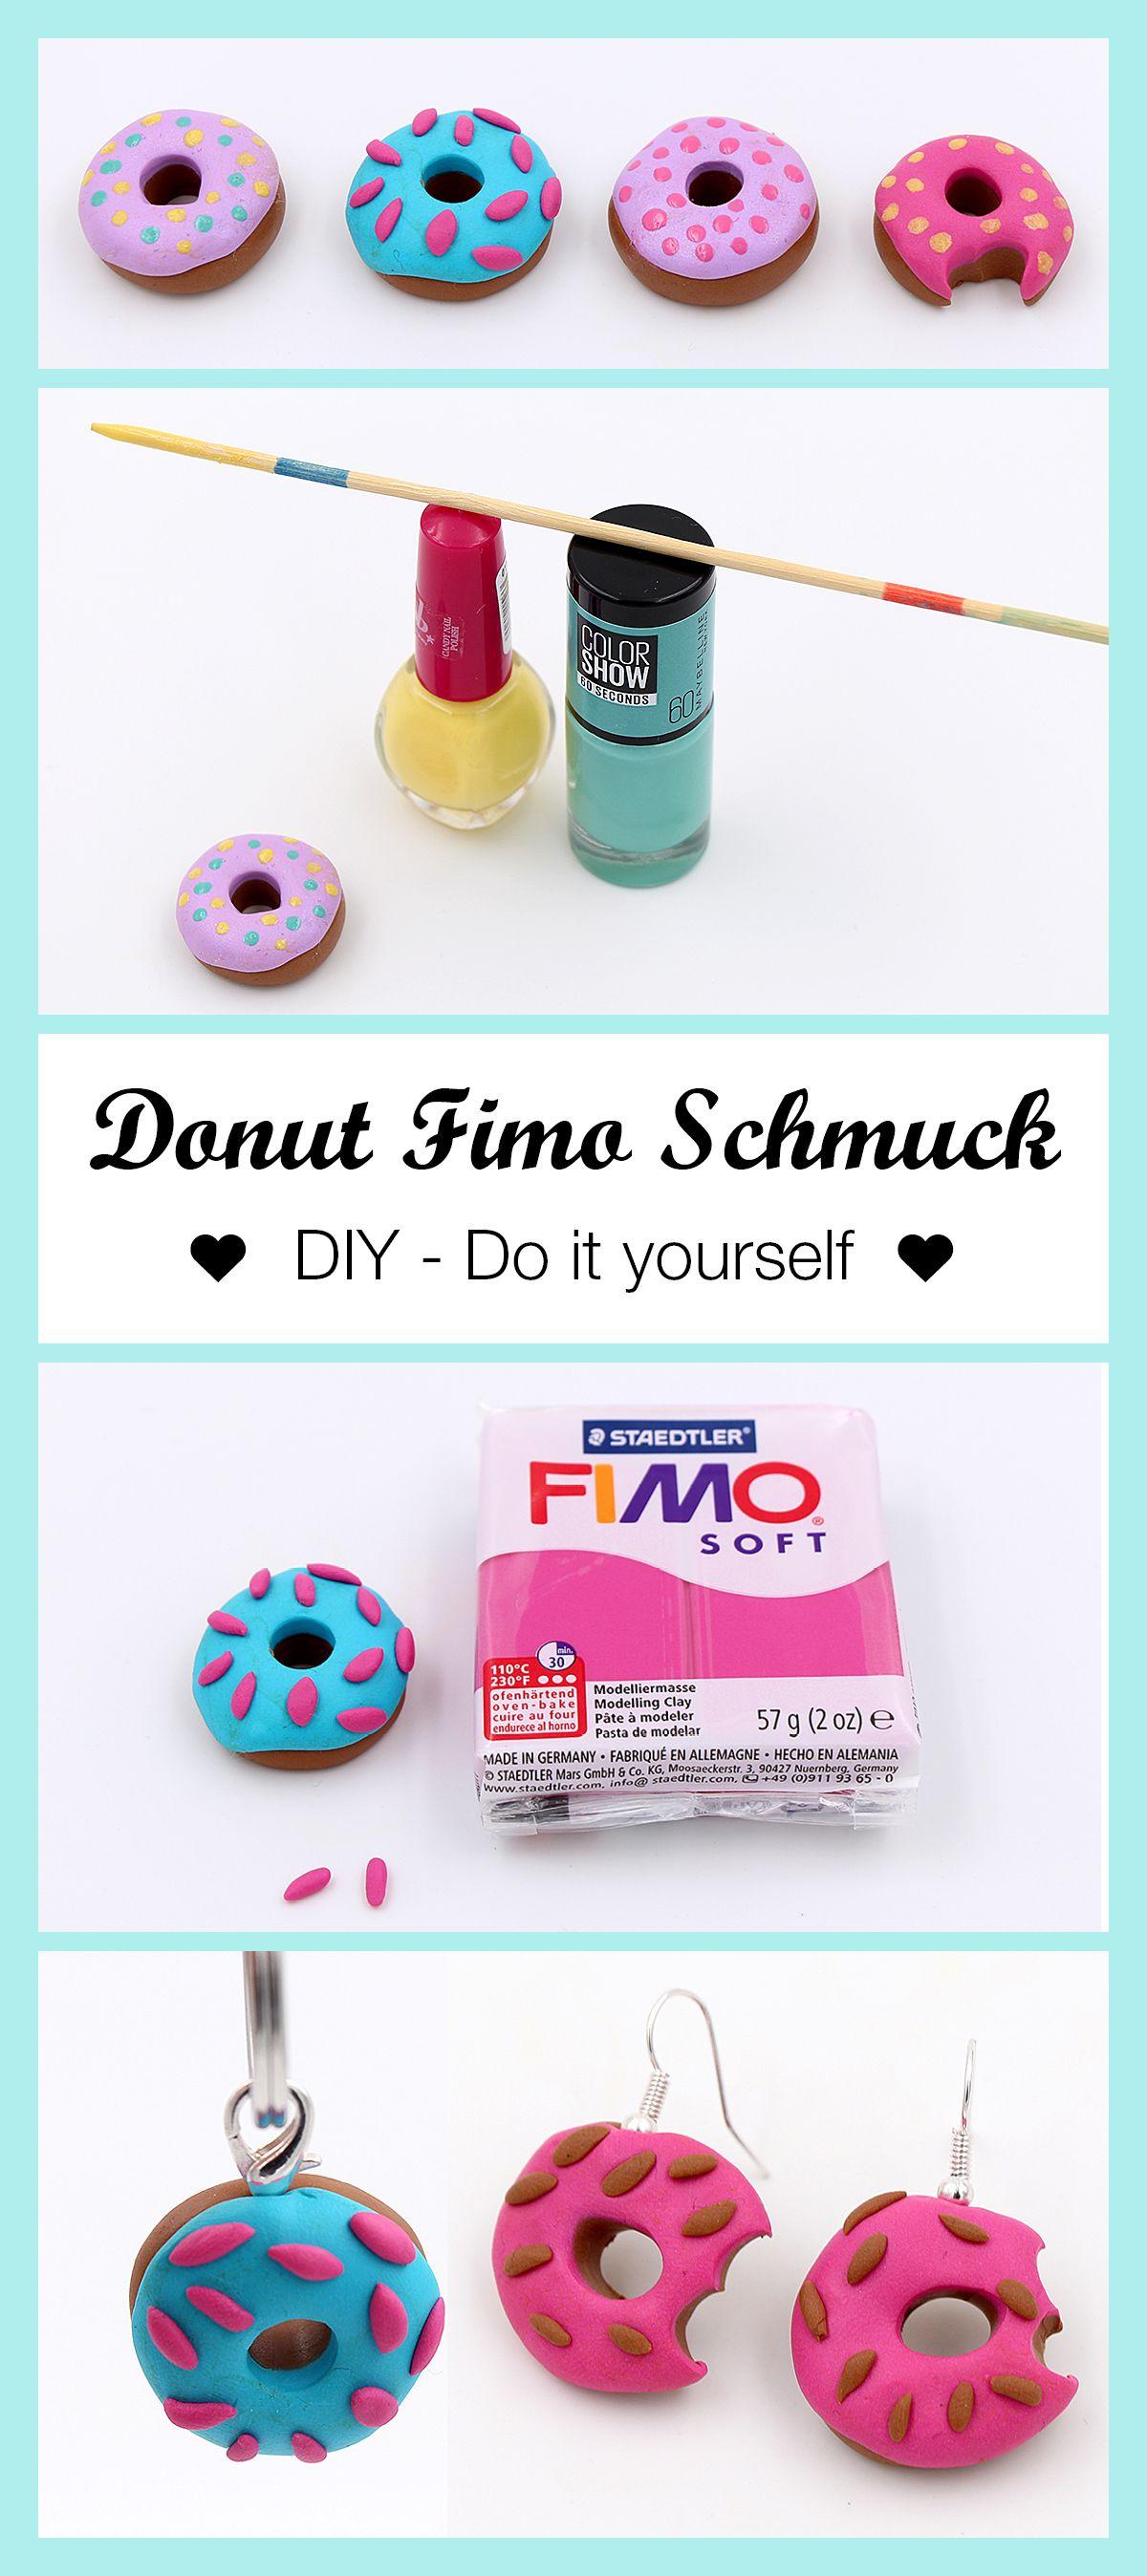 schmuck aus fimo donuts selber machen diy anleitung fimo fimo ideen und basteln mit kindern. Black Bedroom Furniture Sets. Home Design Ideas